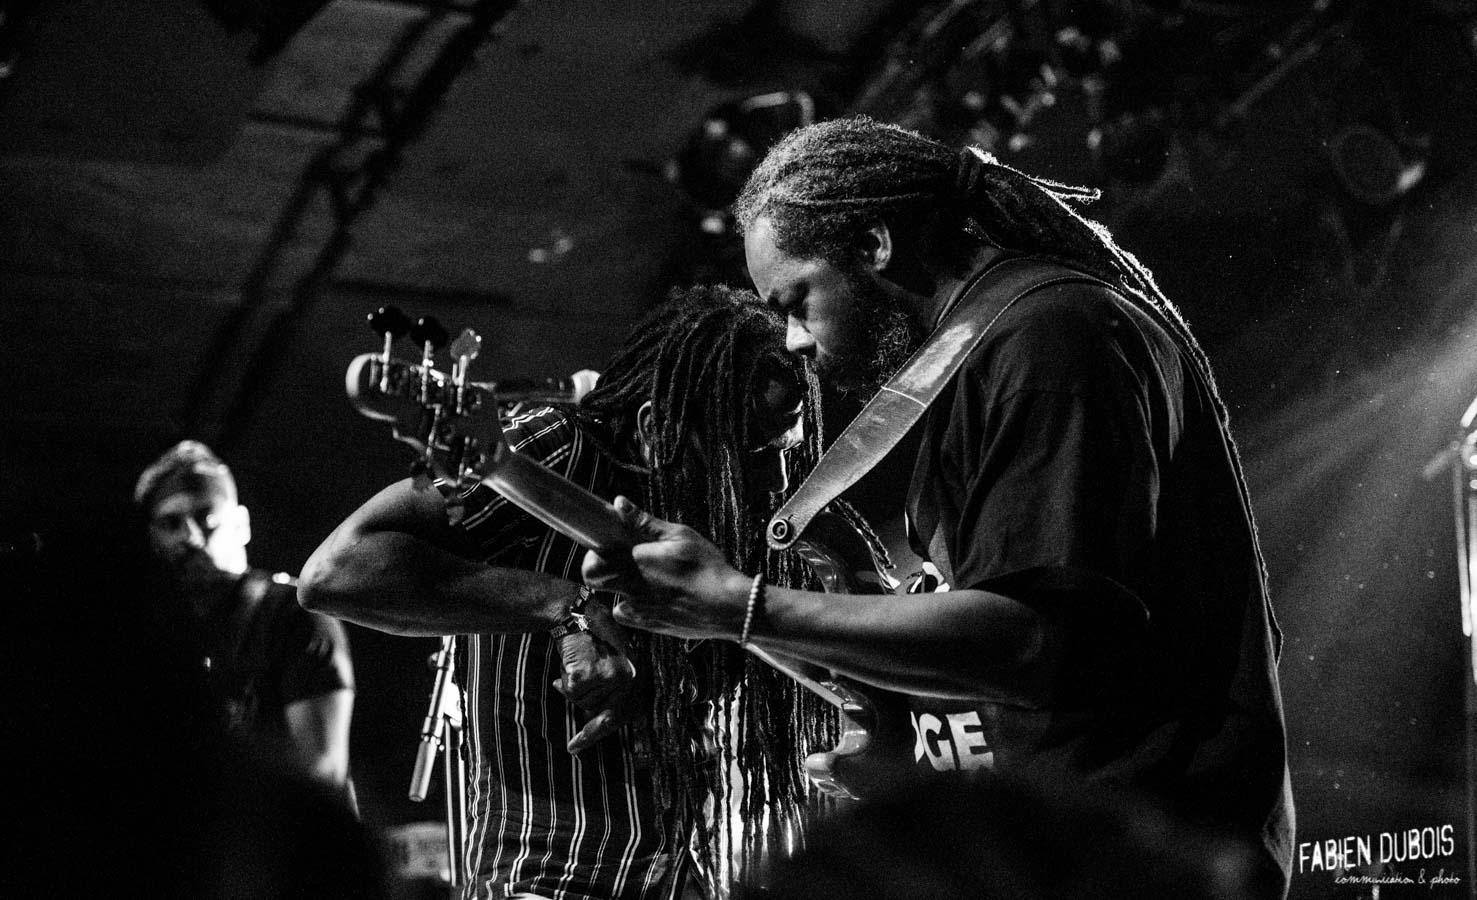 Photo The Gladiators Cave à Musique Cavazik Mâcon 2018